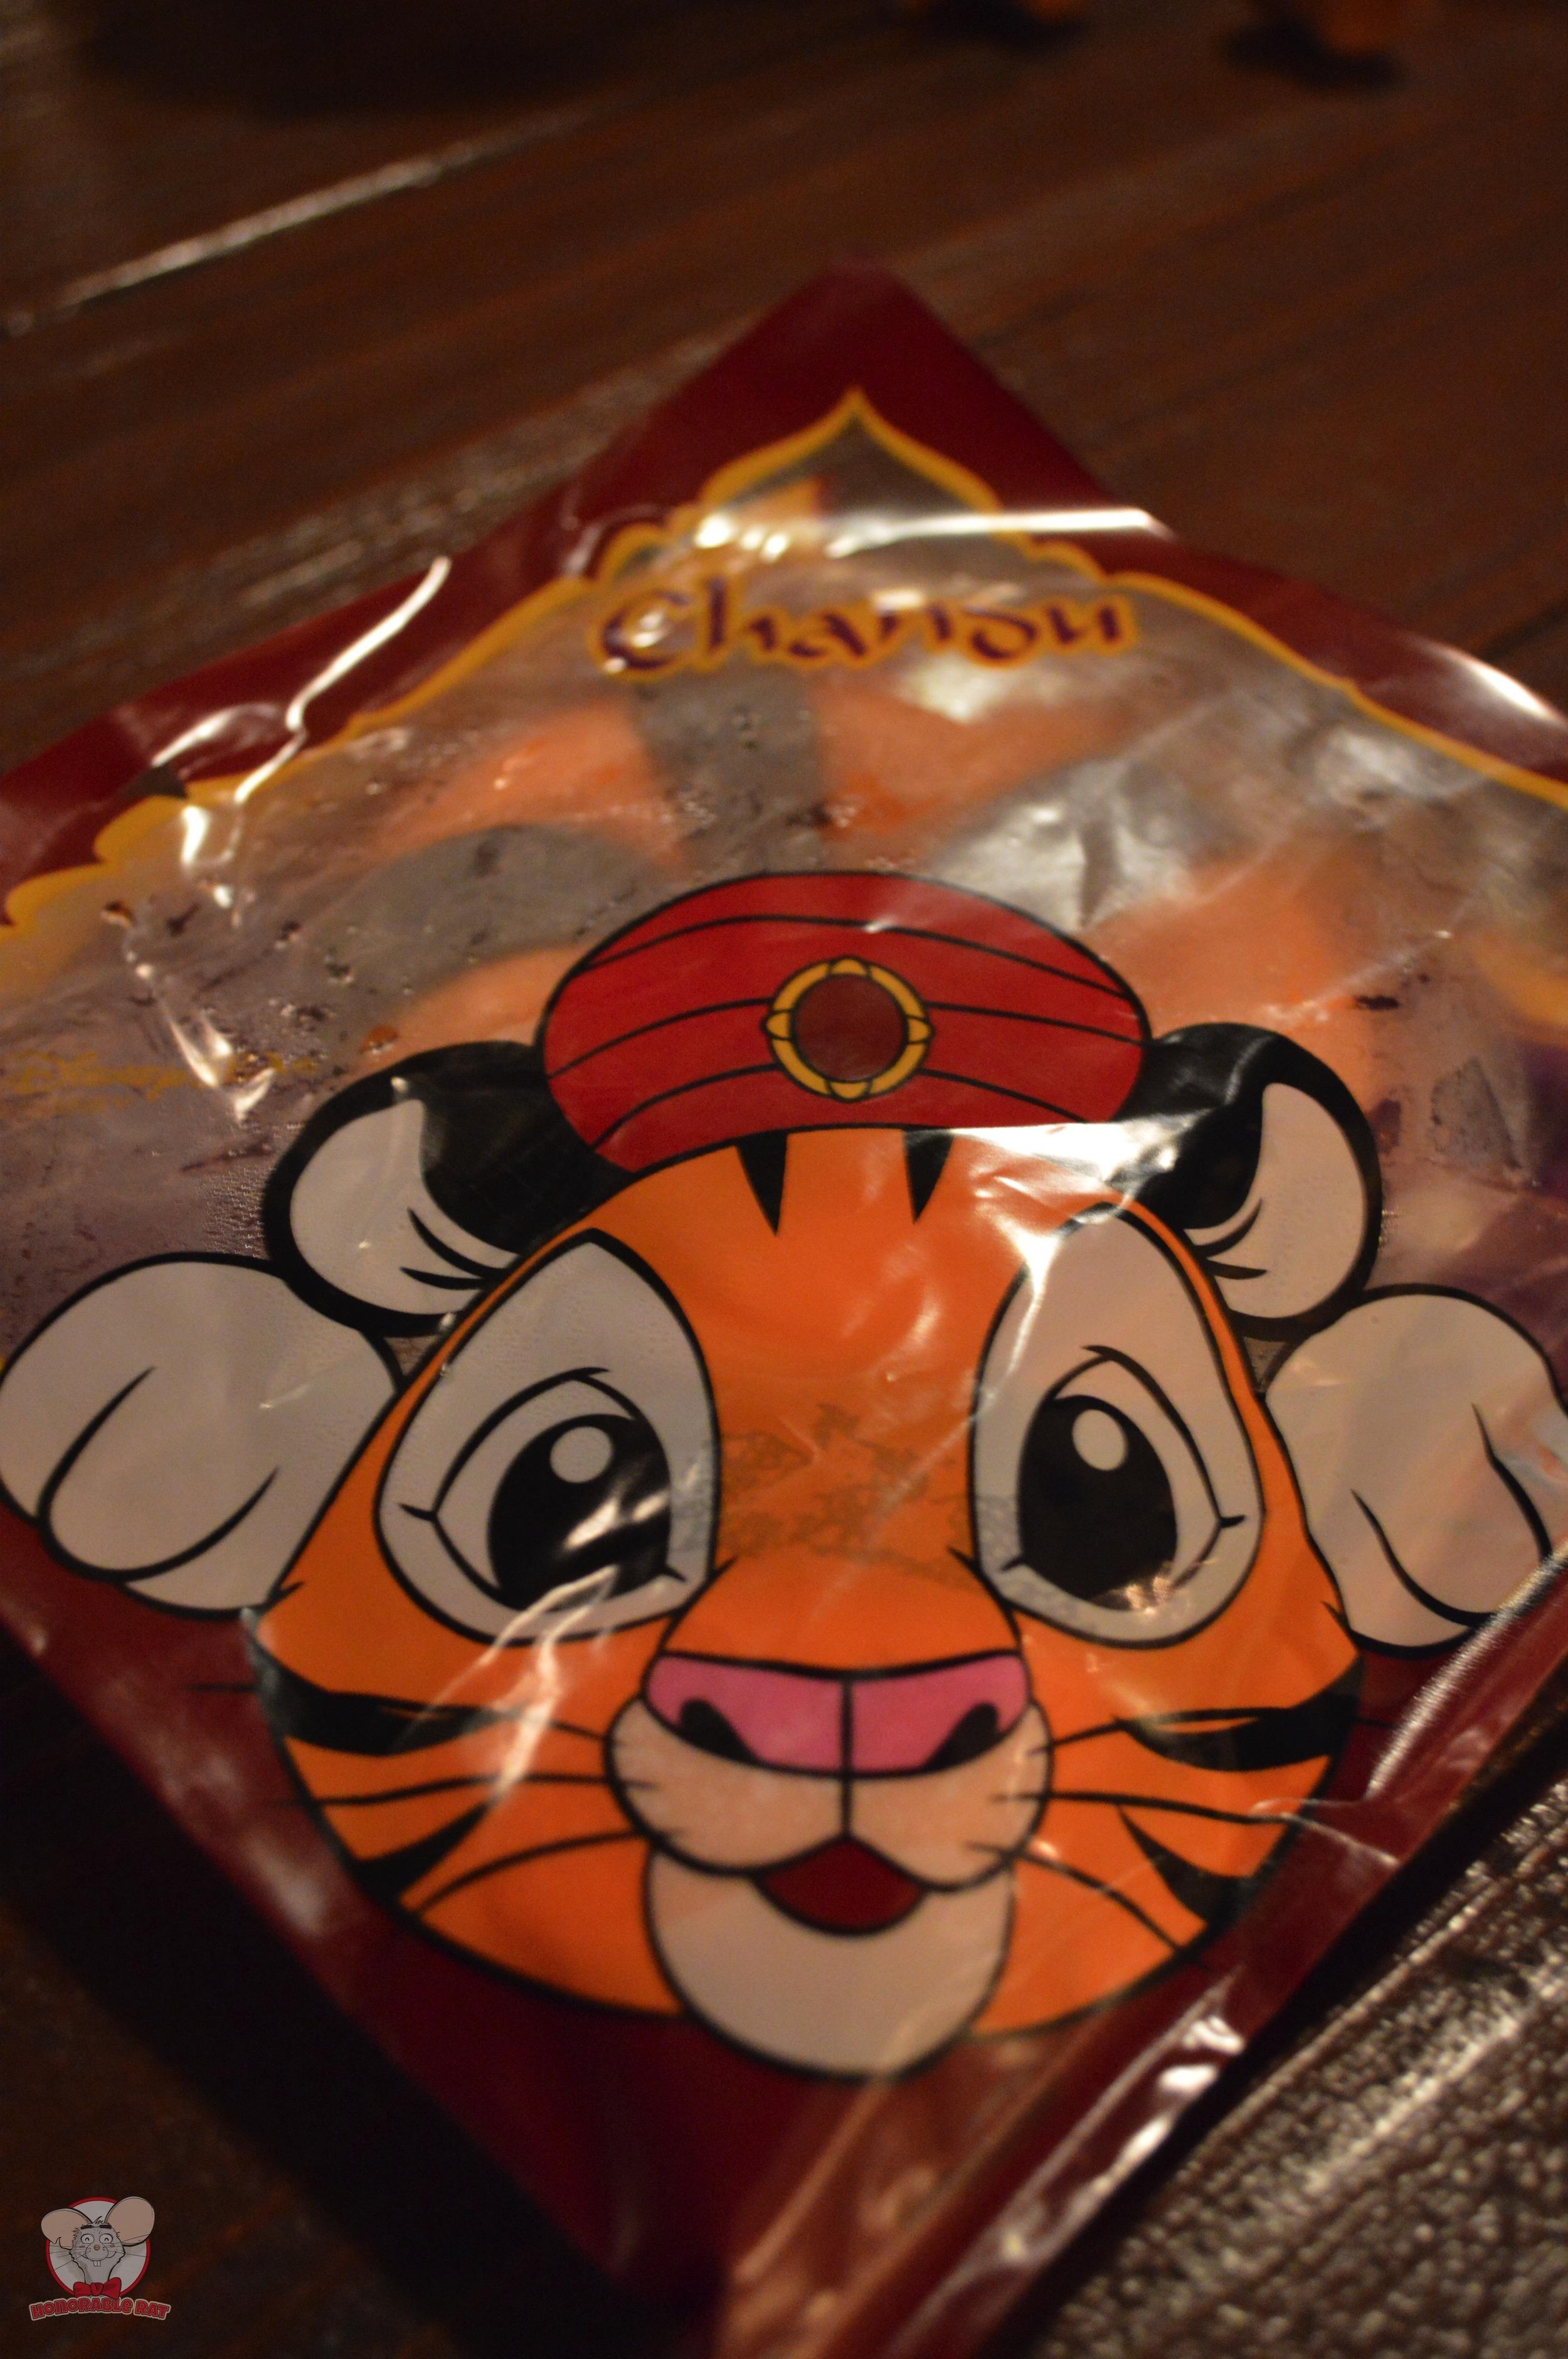 Chandu Tail's packaging